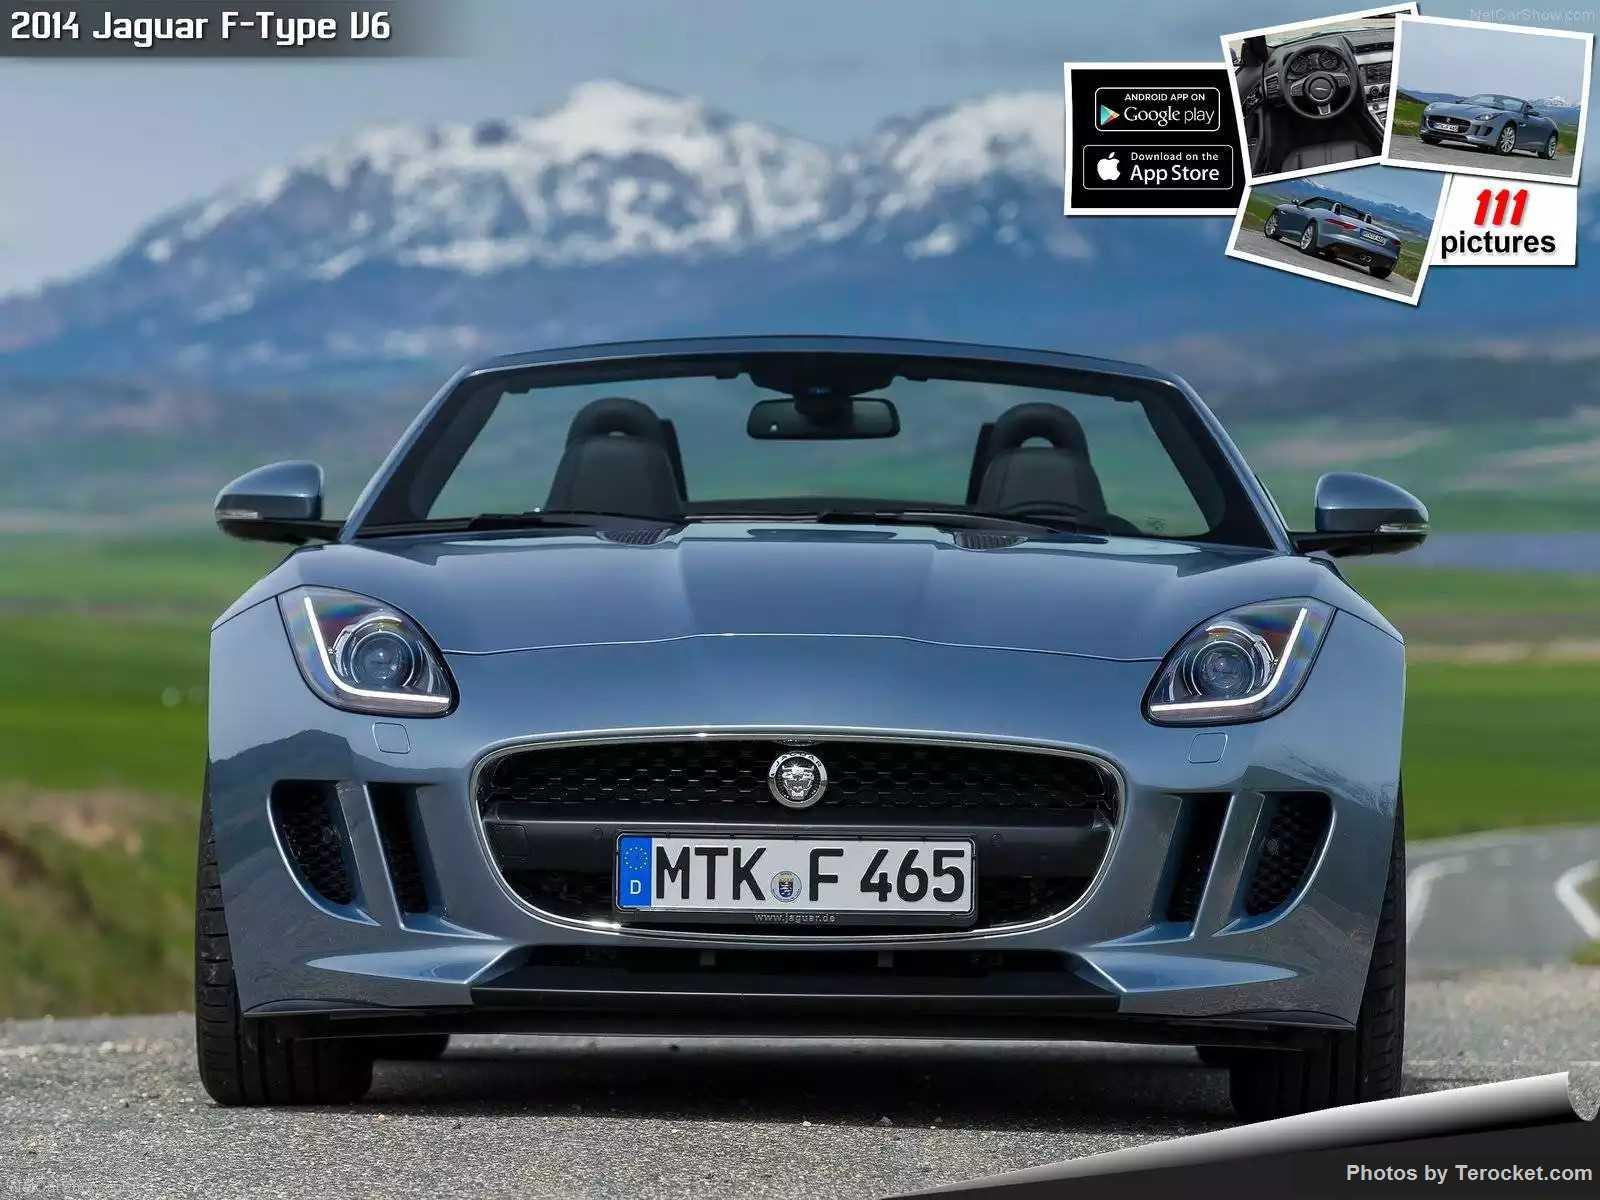 Hình ảnh xe ô tô Jaguar F-Type V6 2014 & nội ngoại thất